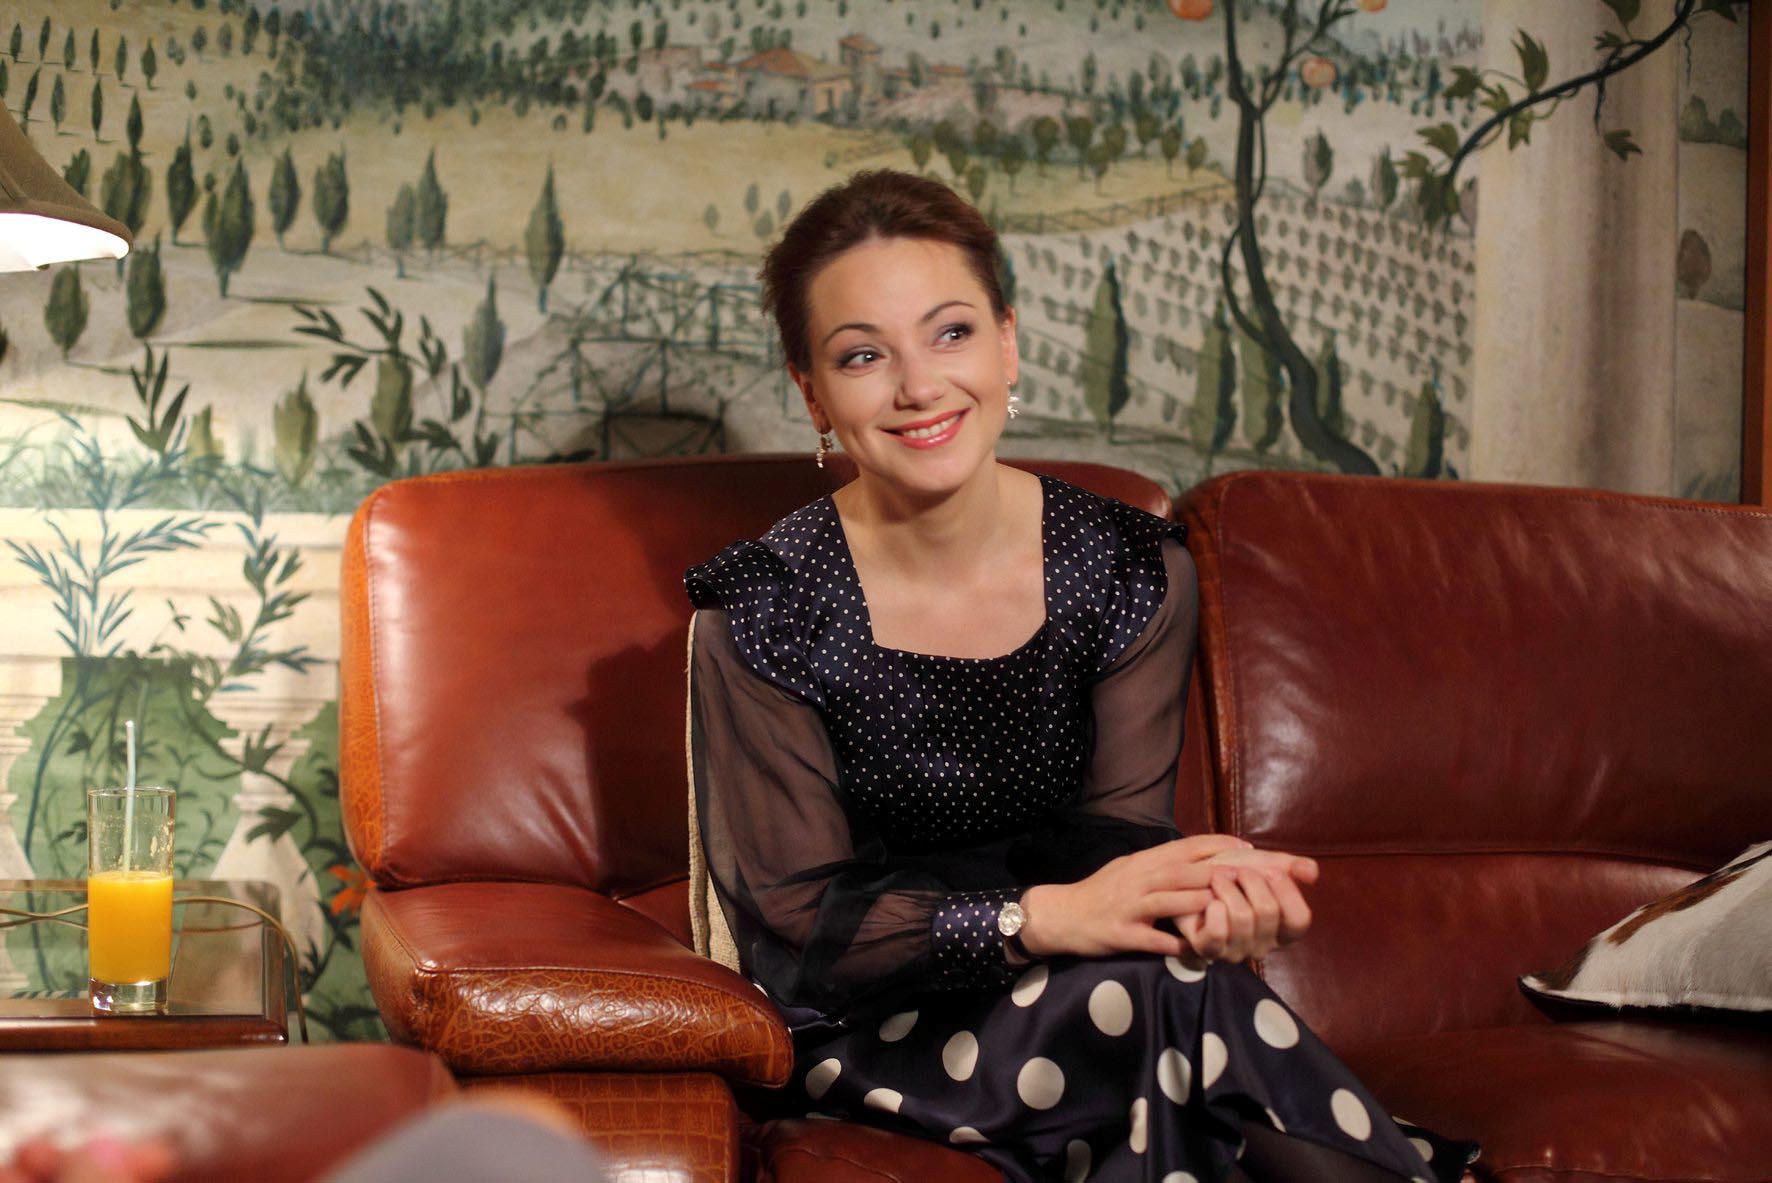 Ольга Будина: биография, личная жизнь, семья, муж, дети — фото